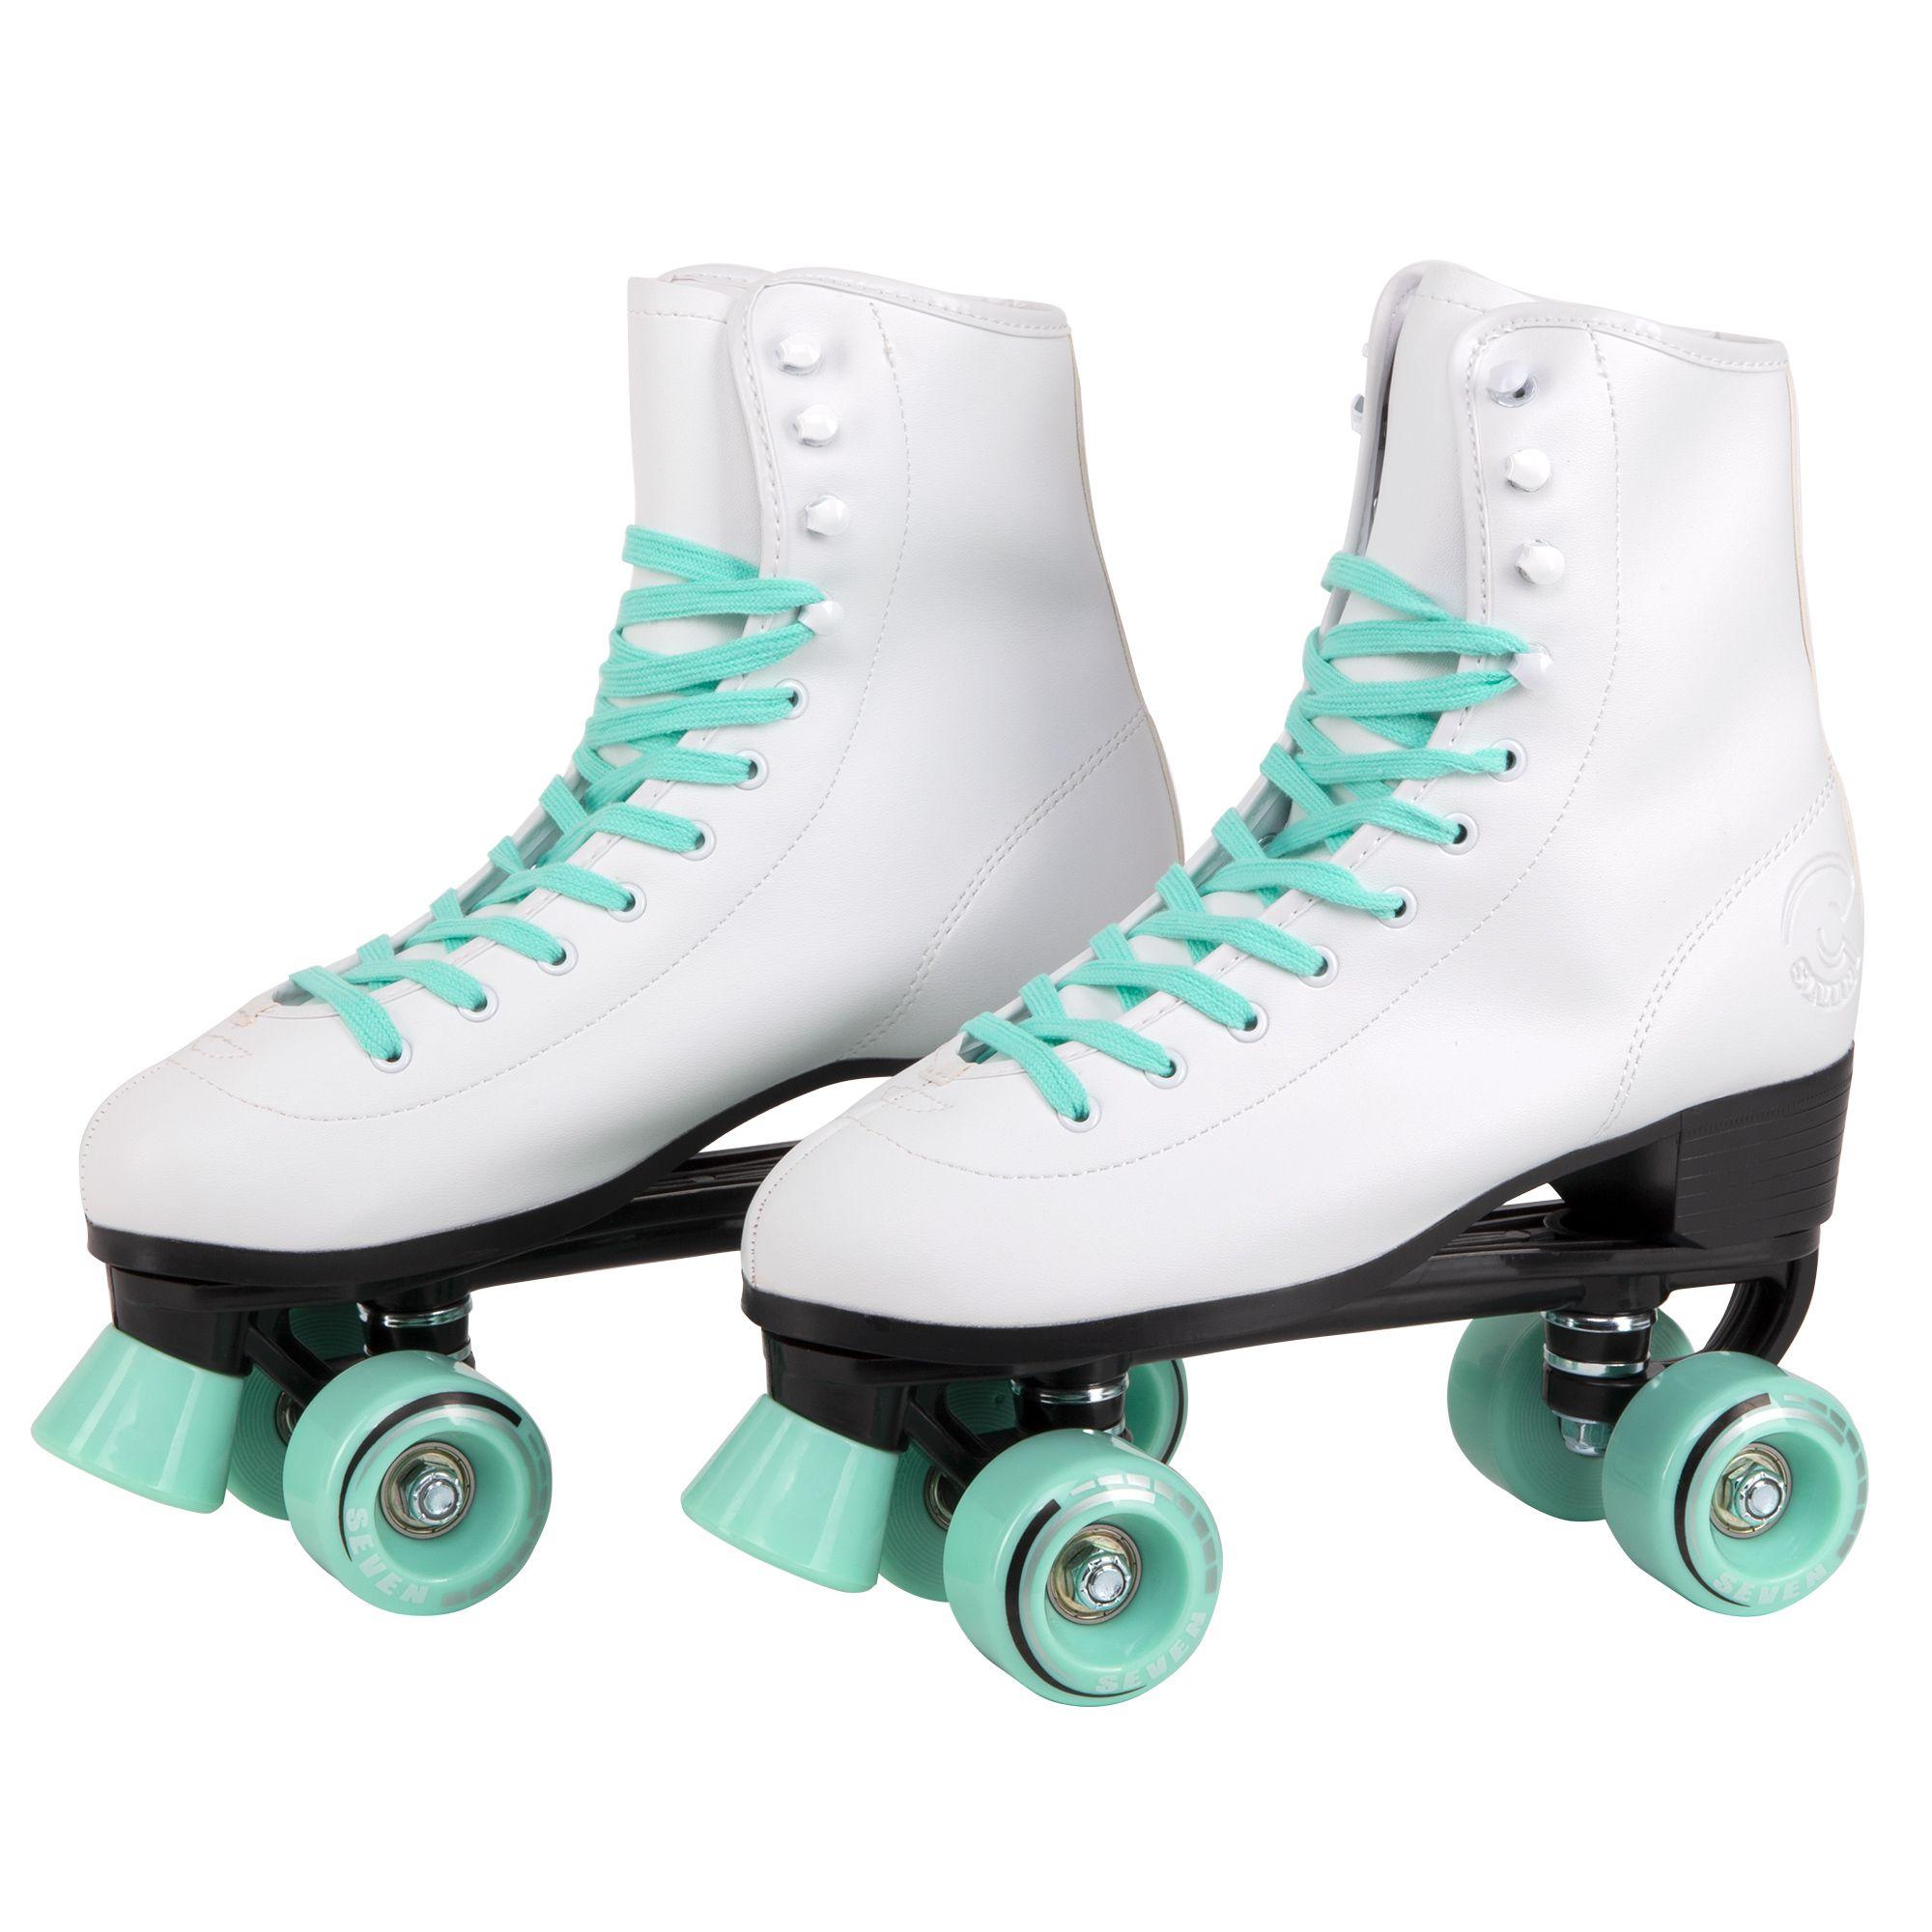 Quad roller skates, Roller skate shoes